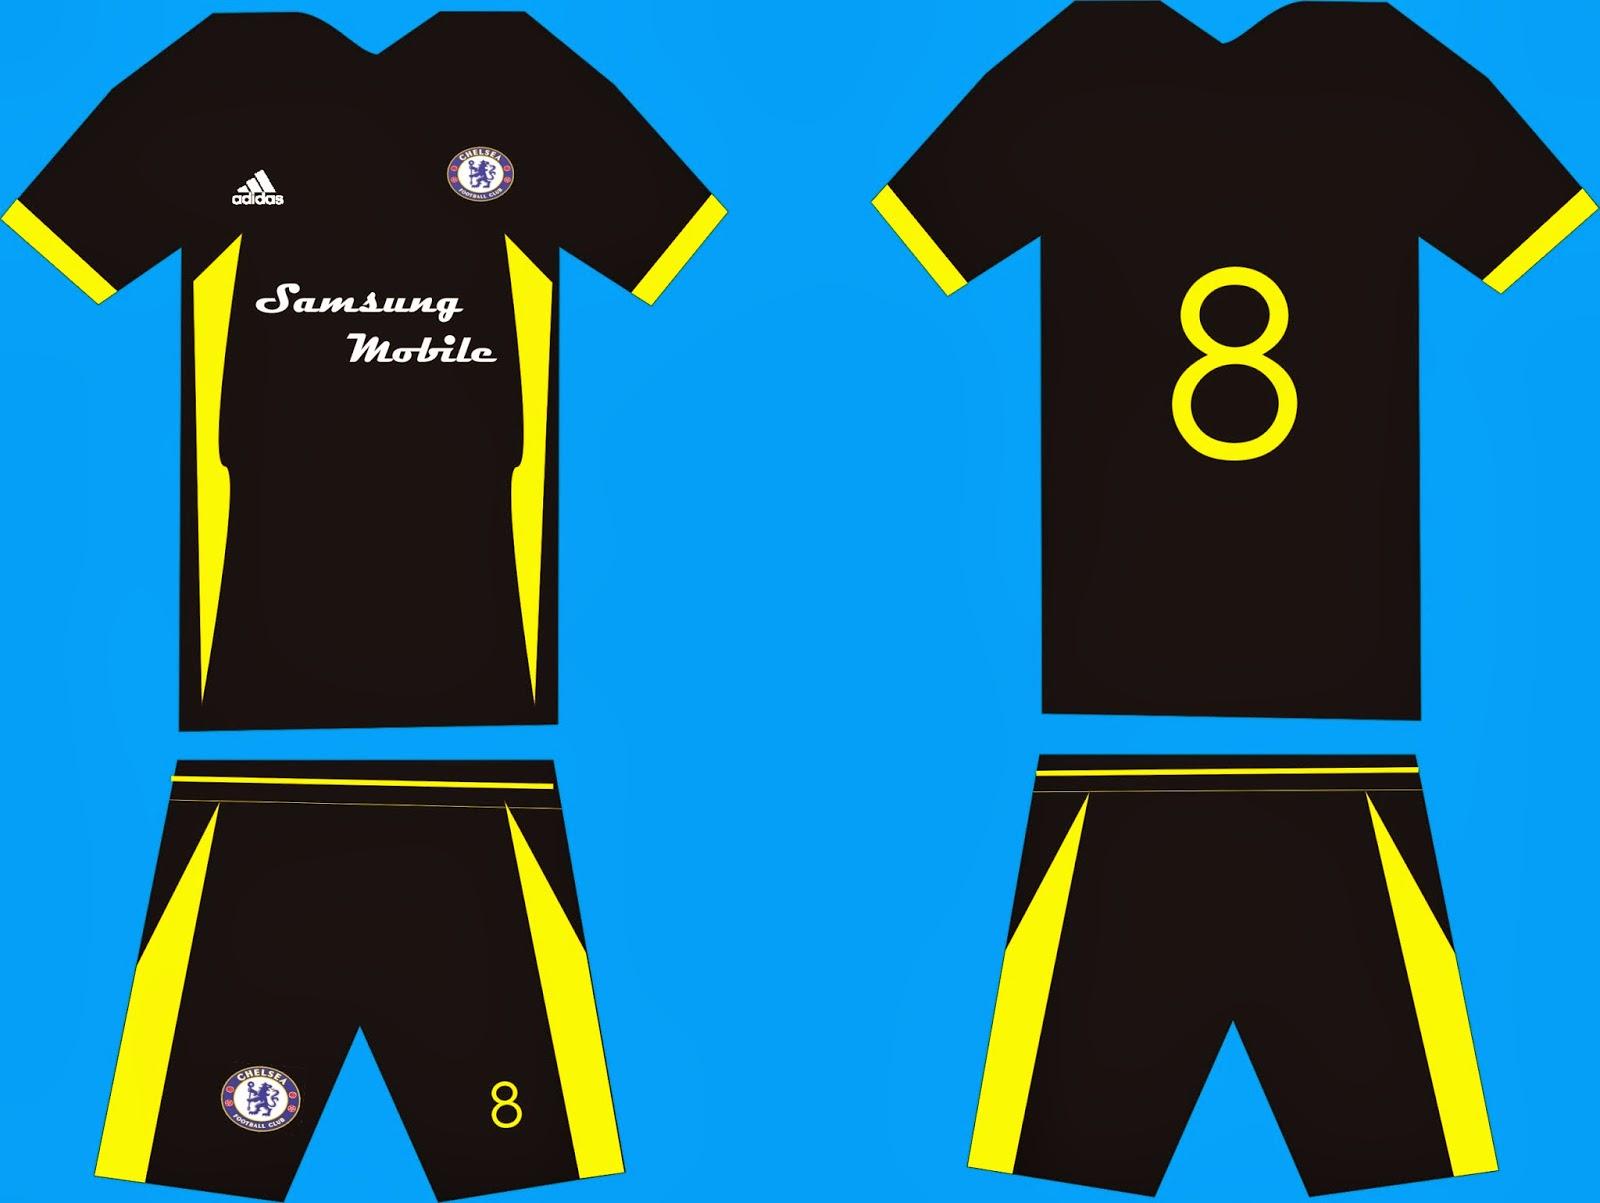 Info Desain Gambar Baju Sepak Bola